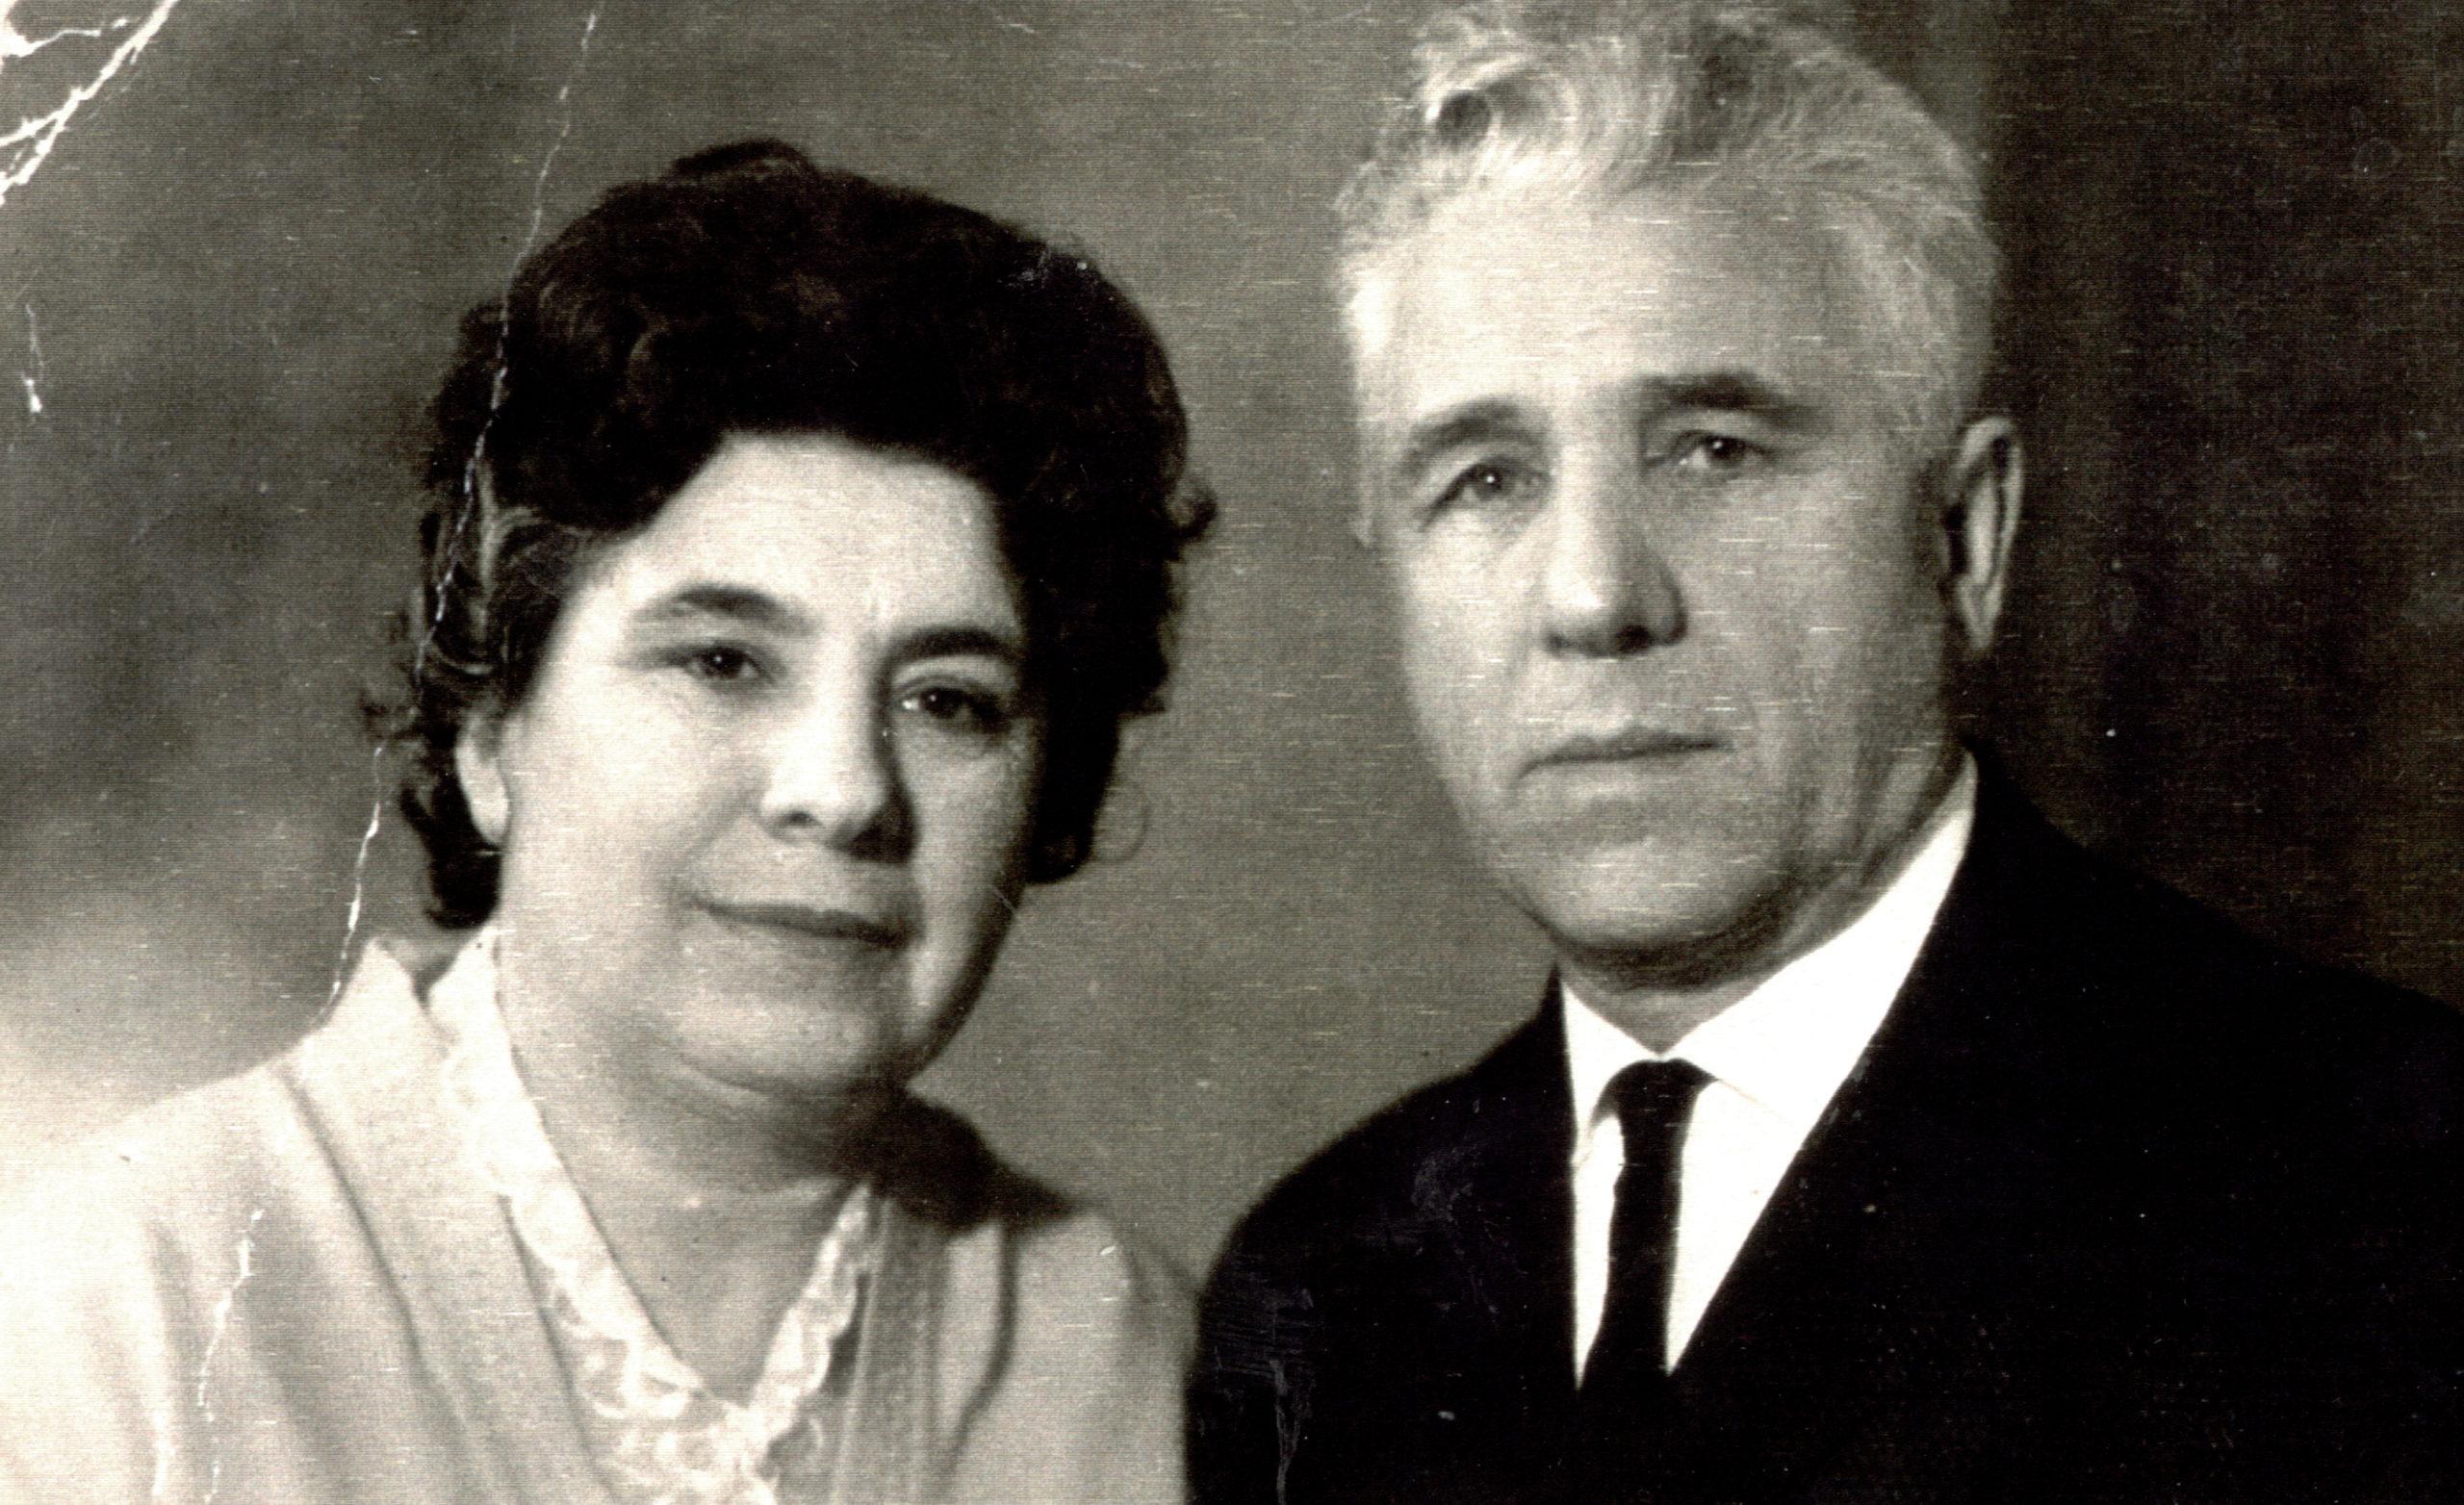 Efim Pisarenko's sister Broha Shapiro and her husband Isaak Shapiro